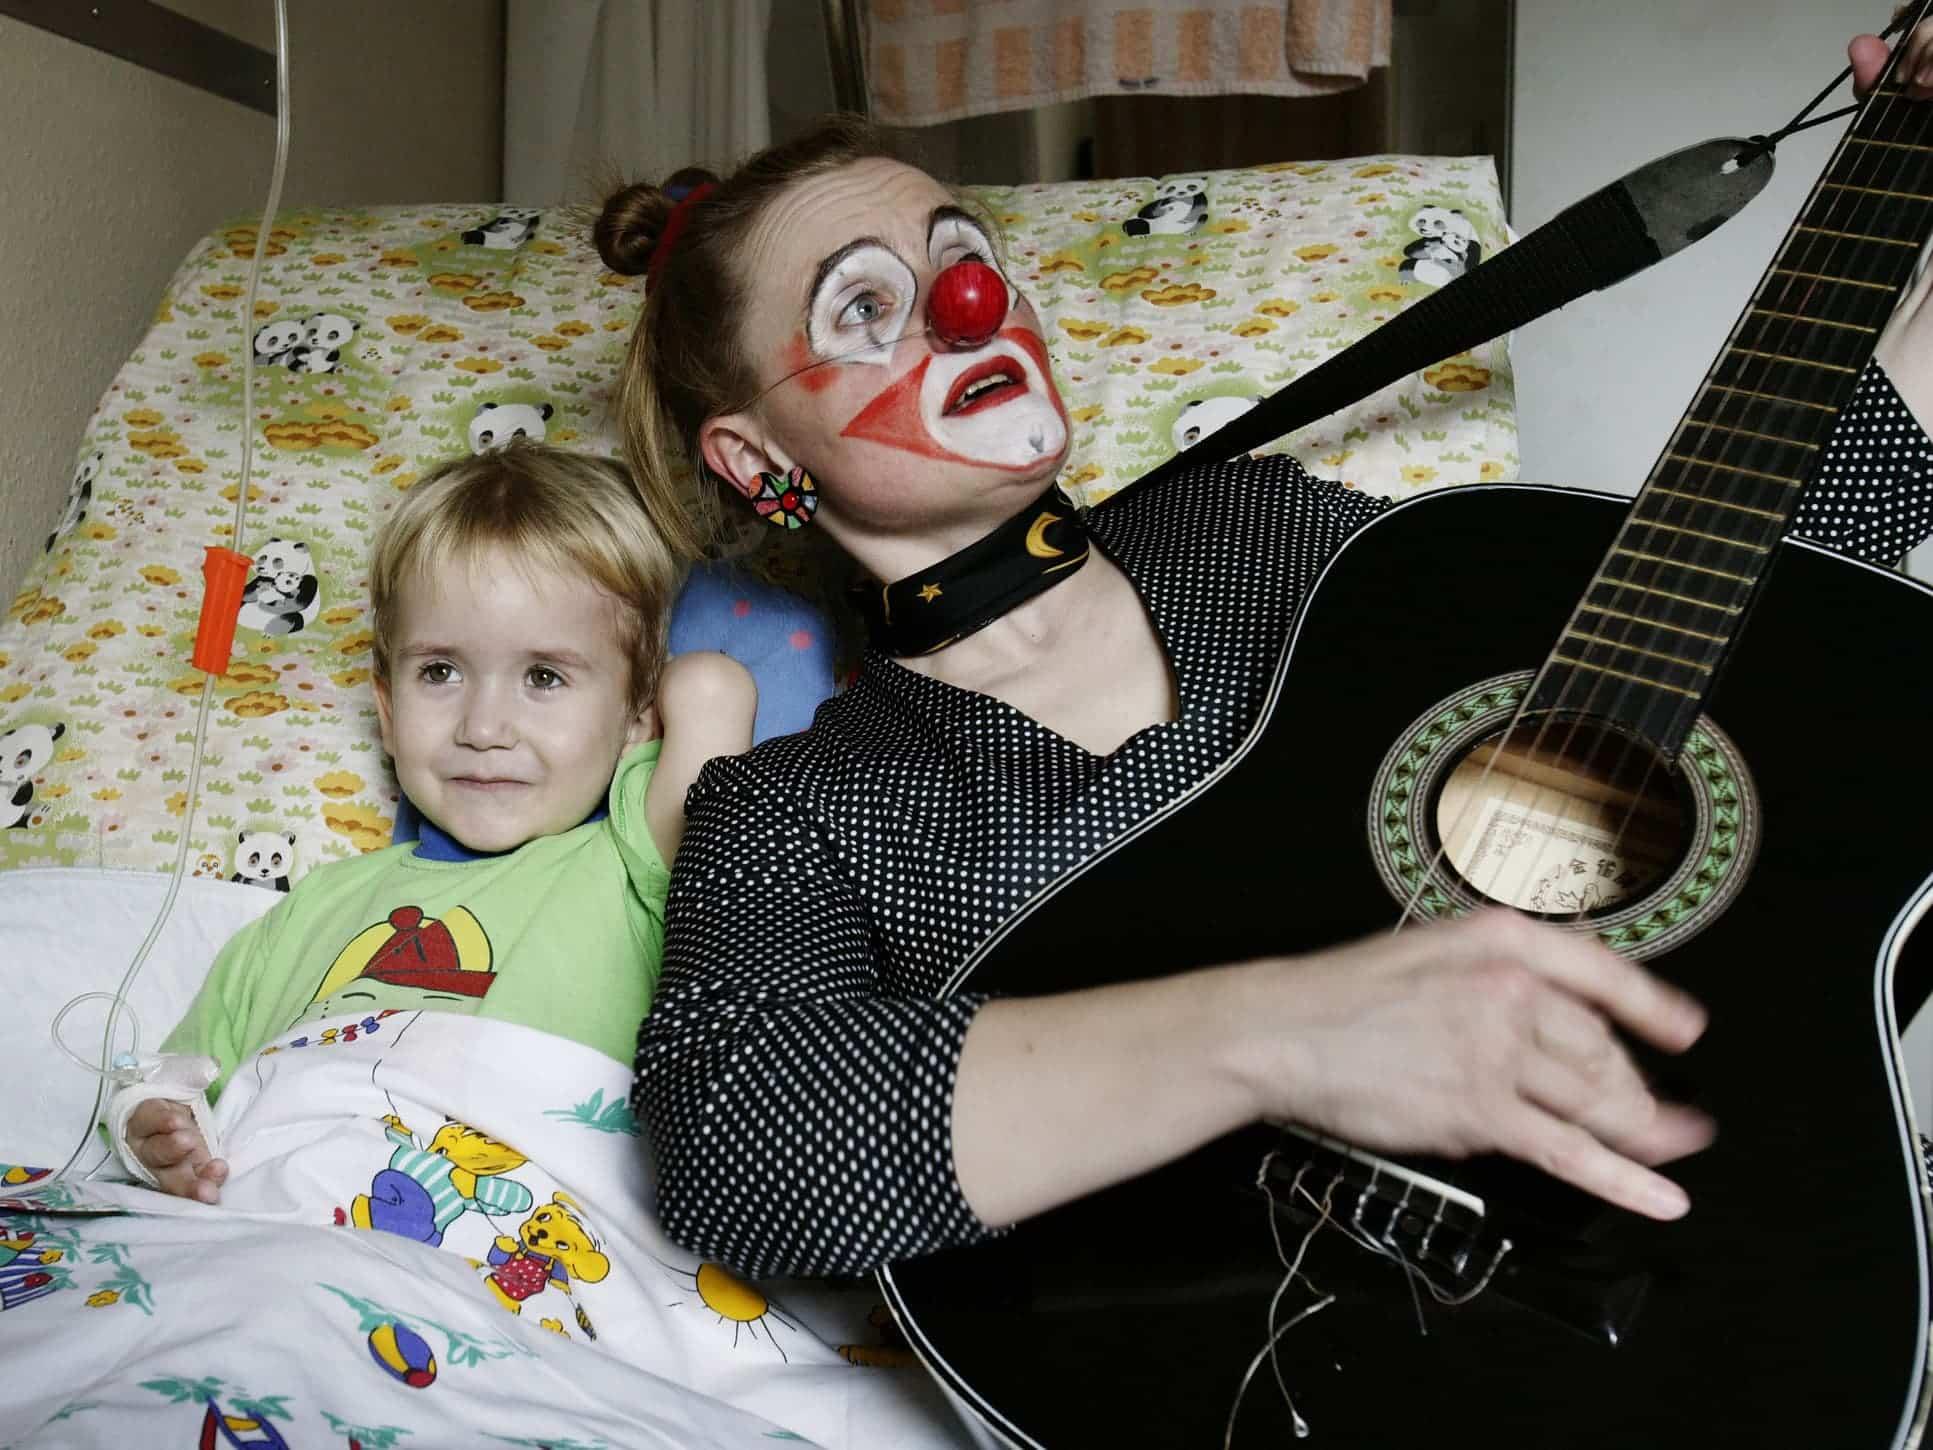 Style Hannover AktionKindertraum Clown im Bett - Aktion Kindertraum erfüllte schon mehr als 2.500 Wünsche